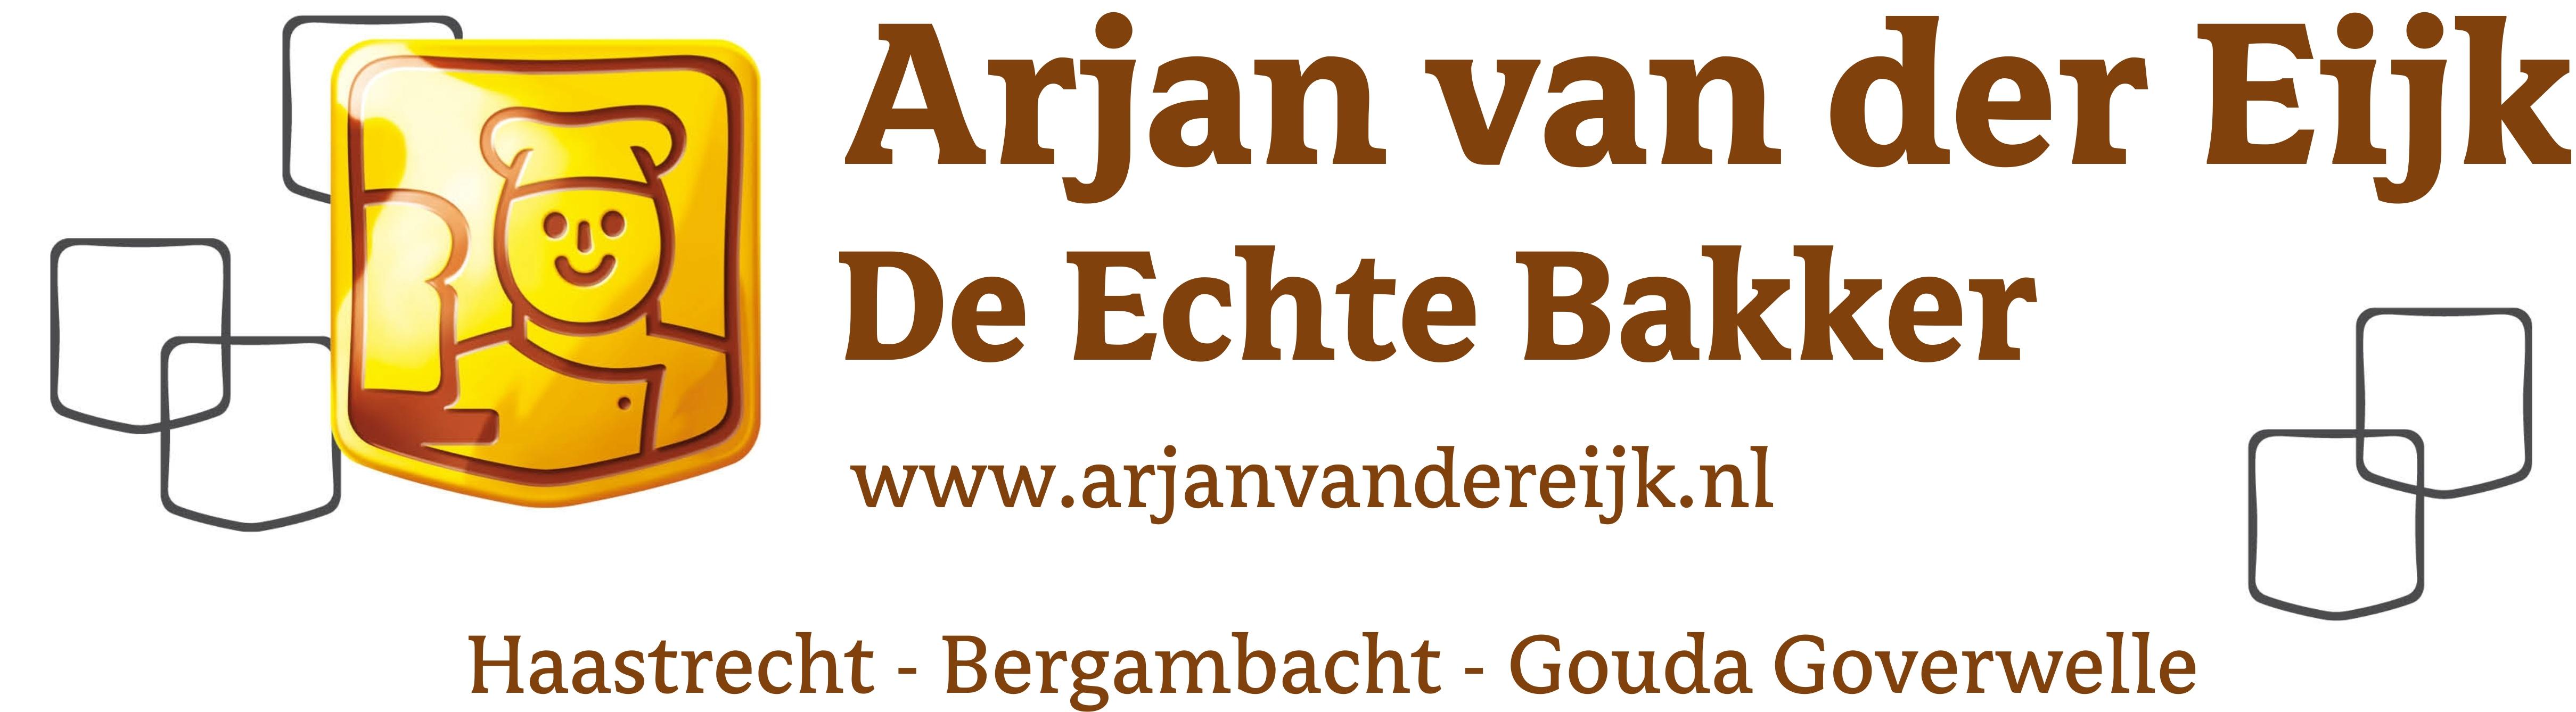 Arjan van der Eijk